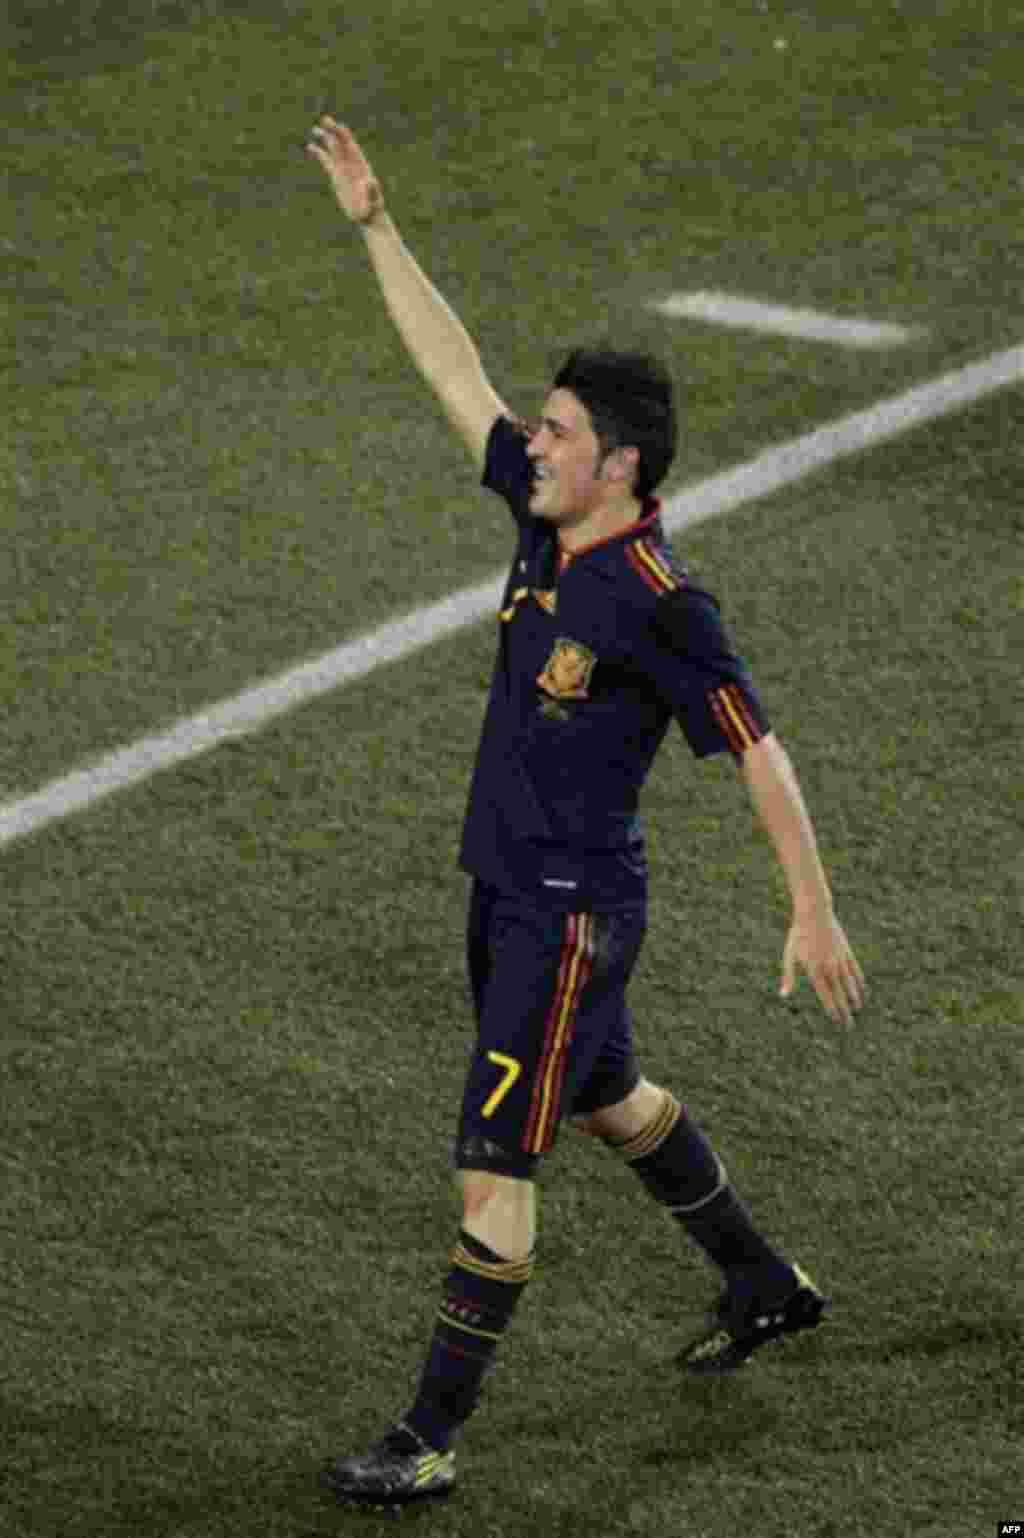 Давид Вилья (Испания) празднует победу Испании в матче с Парагваем на стадионе «Эллис Парк» в Йоханнесбурге, Южная Африка. Суббота, 3 июль 2010 года. Испания выиграла 1-0. (Фото АП / Темба Надебе)